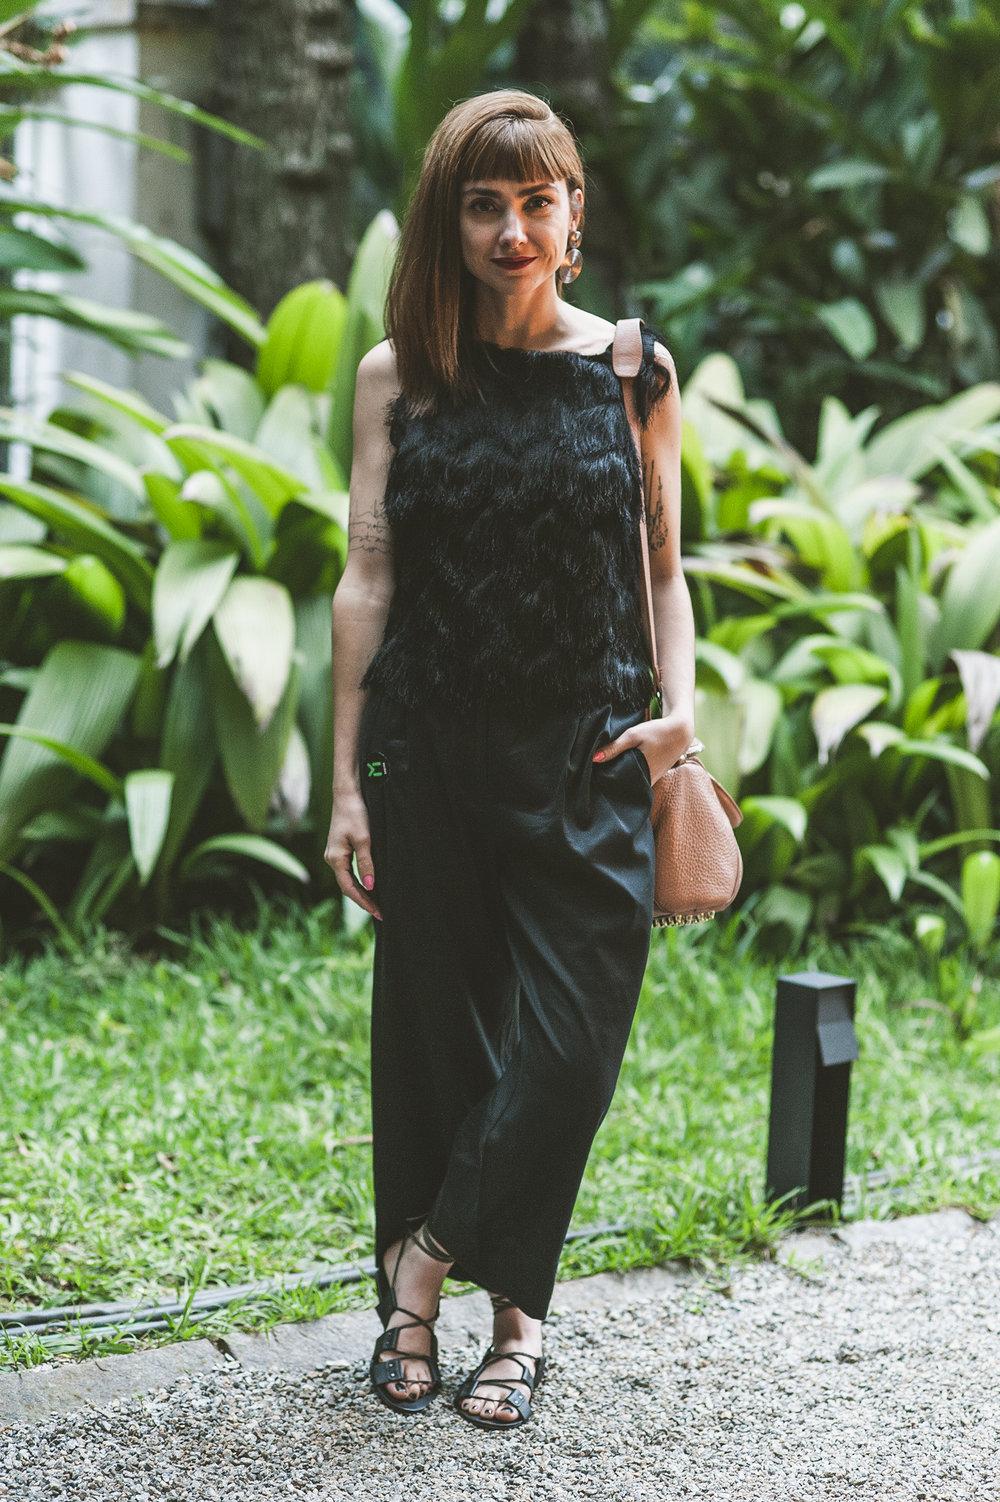 Já era o fim do sábado quando a maravilhosa  Thais Farage  chegou ao #MANUALnoMCB. Consultora de estilo, ela foi conferir as novidades das marcas que participam do evento e prestigiar a amiga Rosana Florenço, uma das fundadoras da  3Jolie .